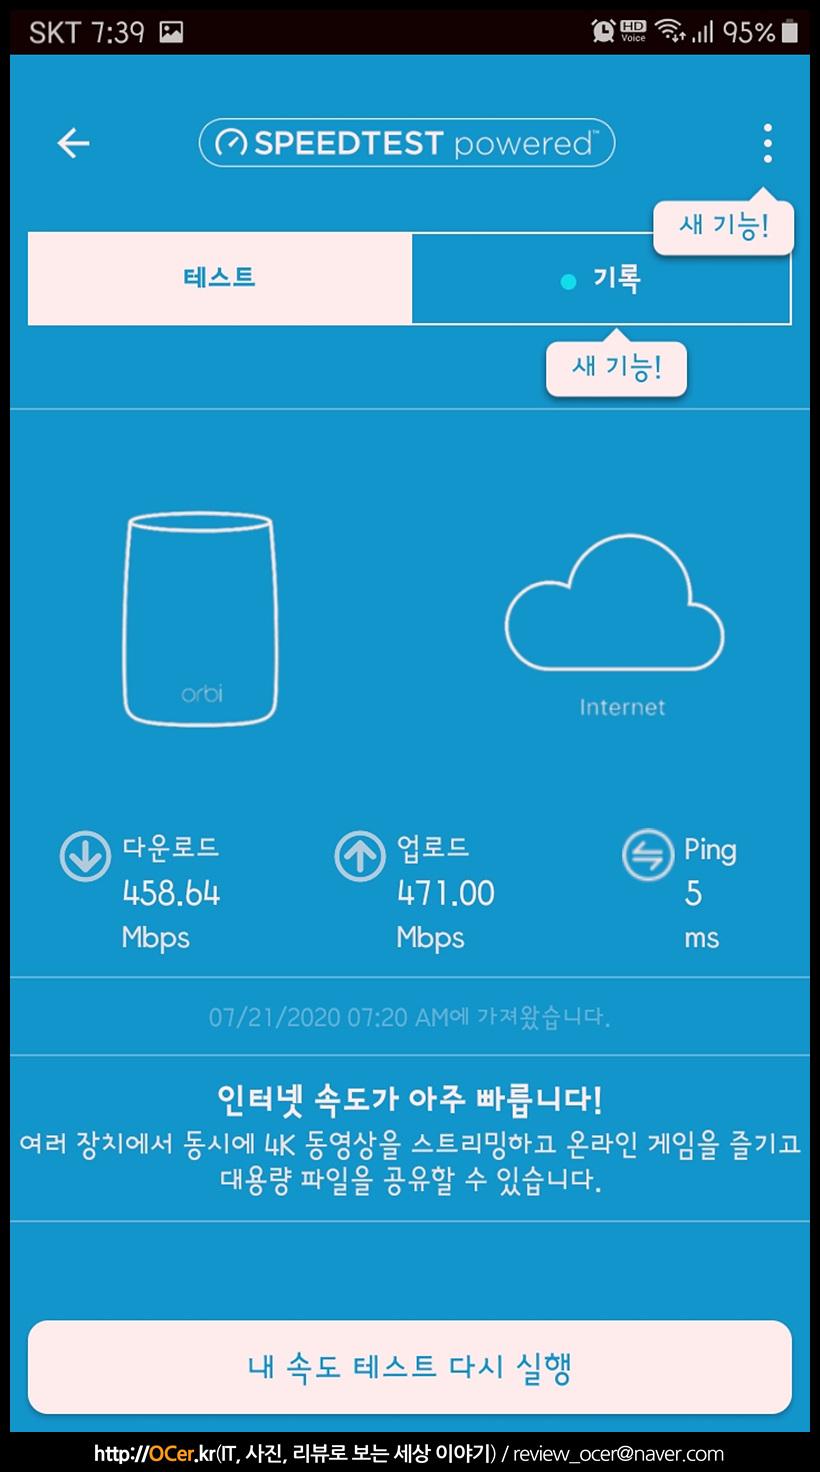 메시 와이파이 공유기, 넷기어 오르비, 넷기어 오르비 RBR20, 와이파이 공유기, 넷기어 공유기, 유무선 공유기, NETGEAR ORIBI, IT